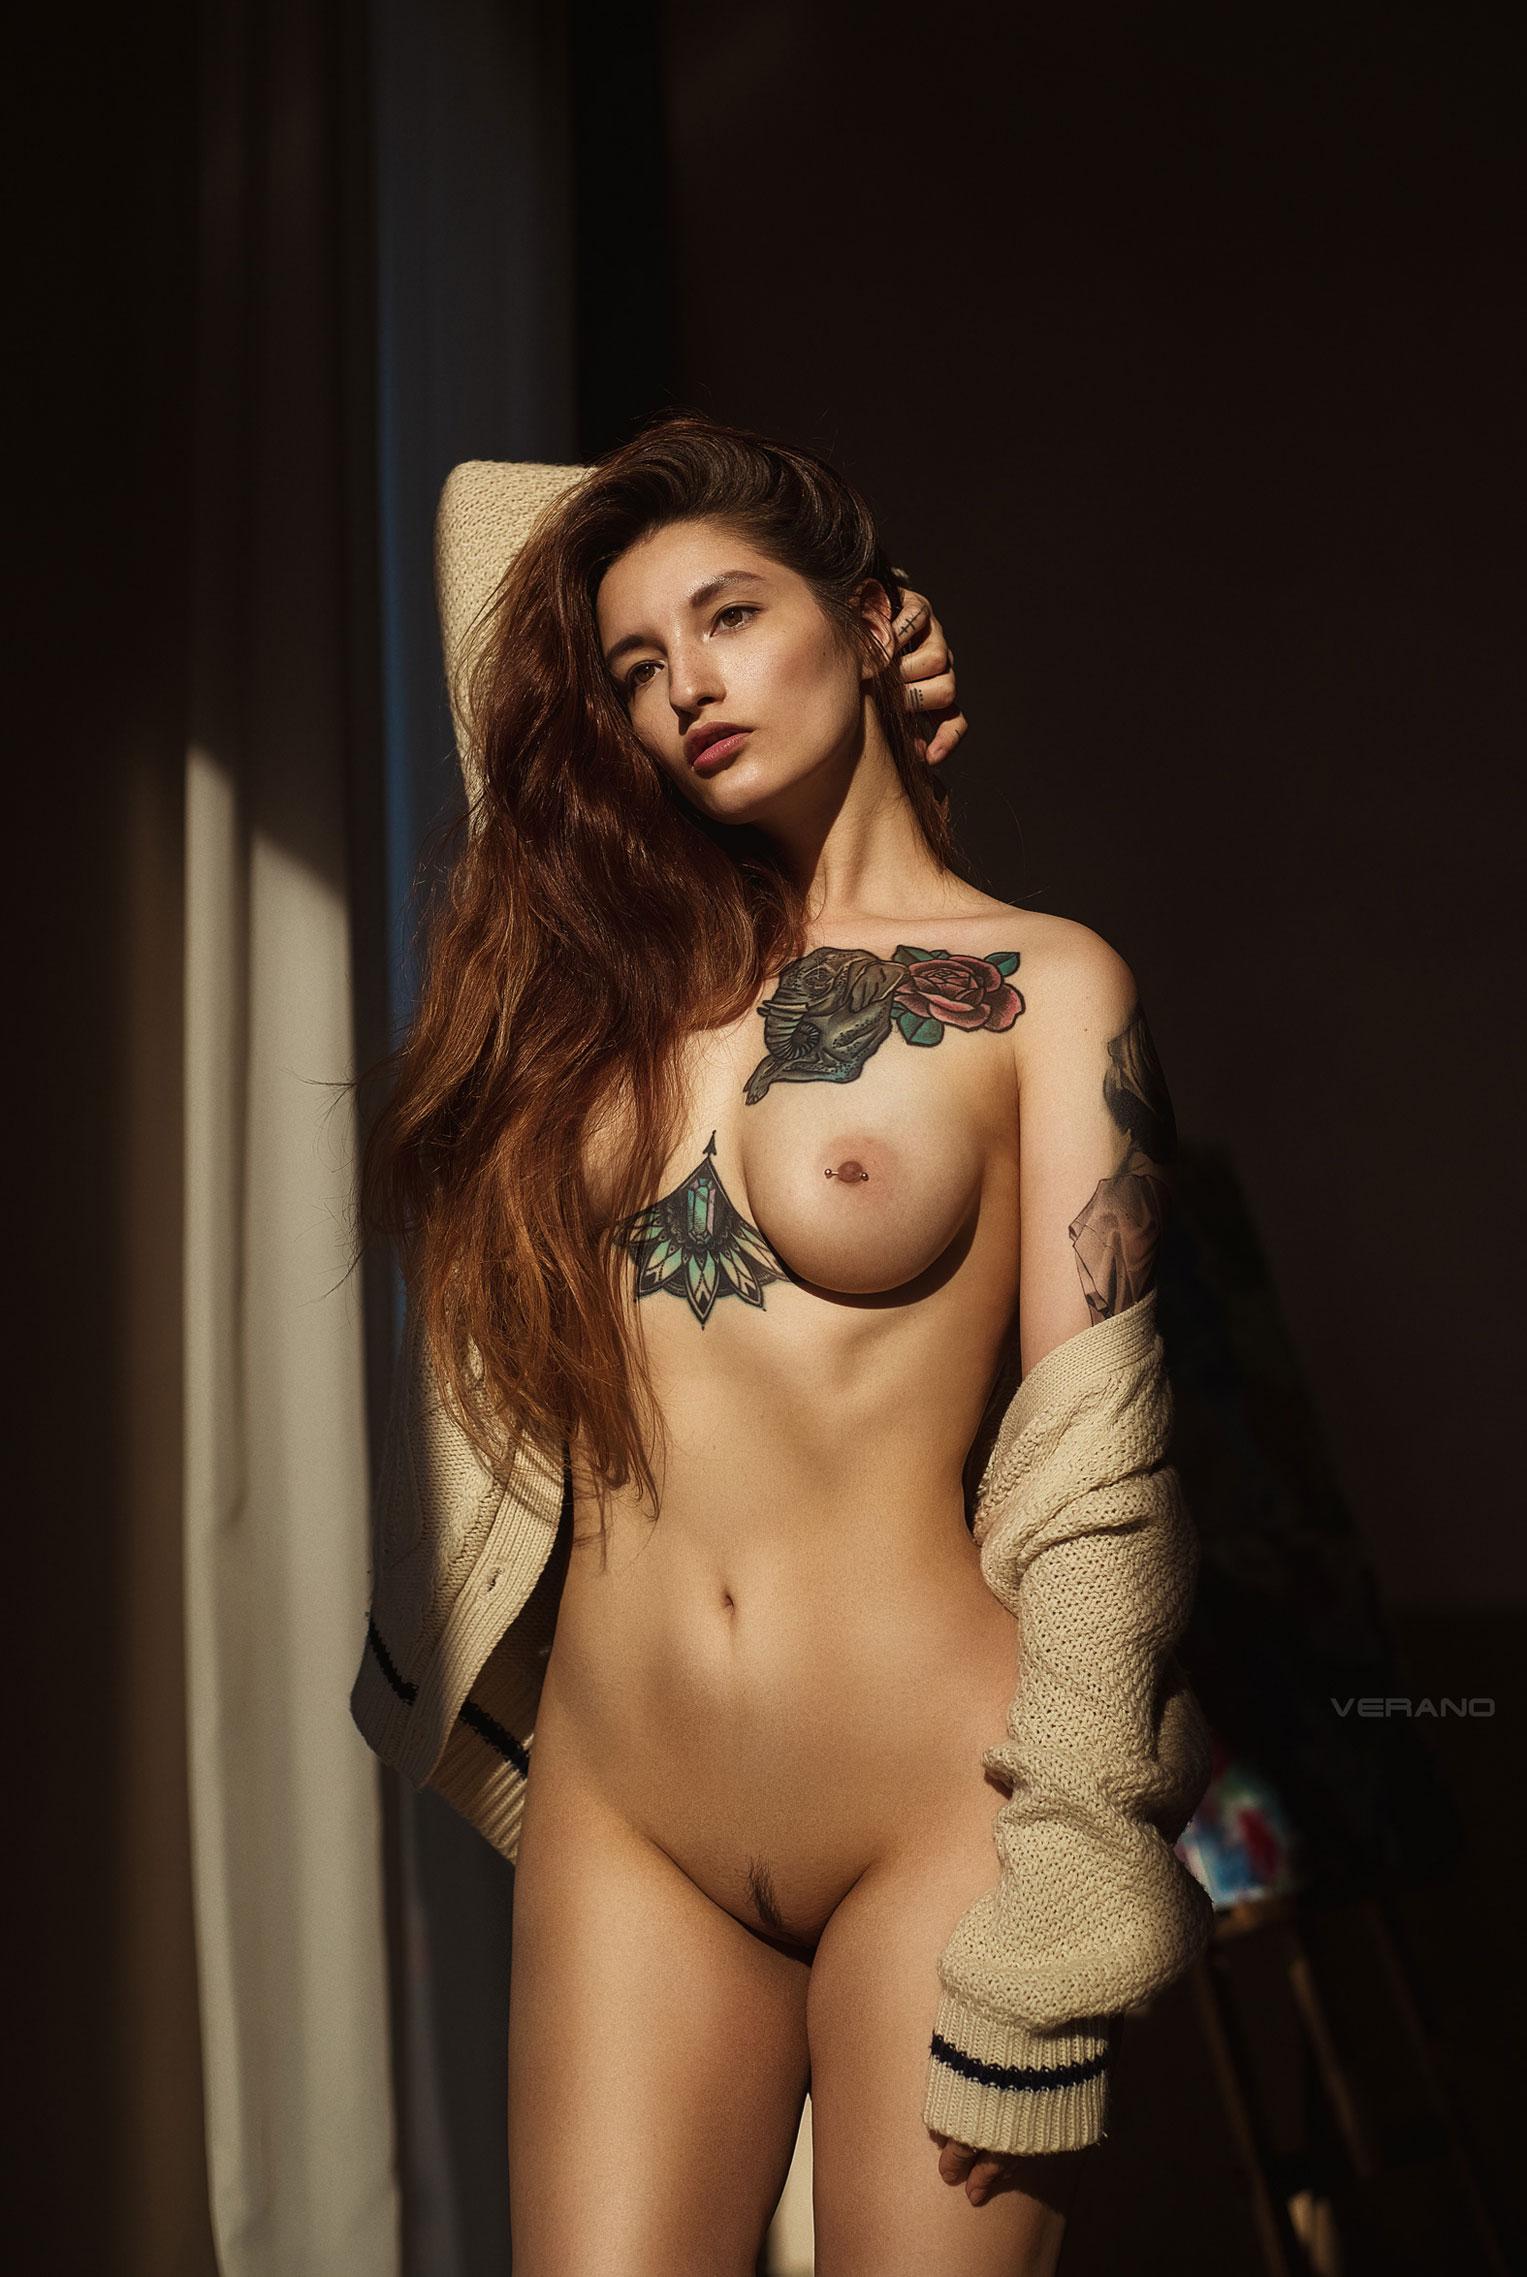 голая Валерия - фотомодель с татуировками / фото 03